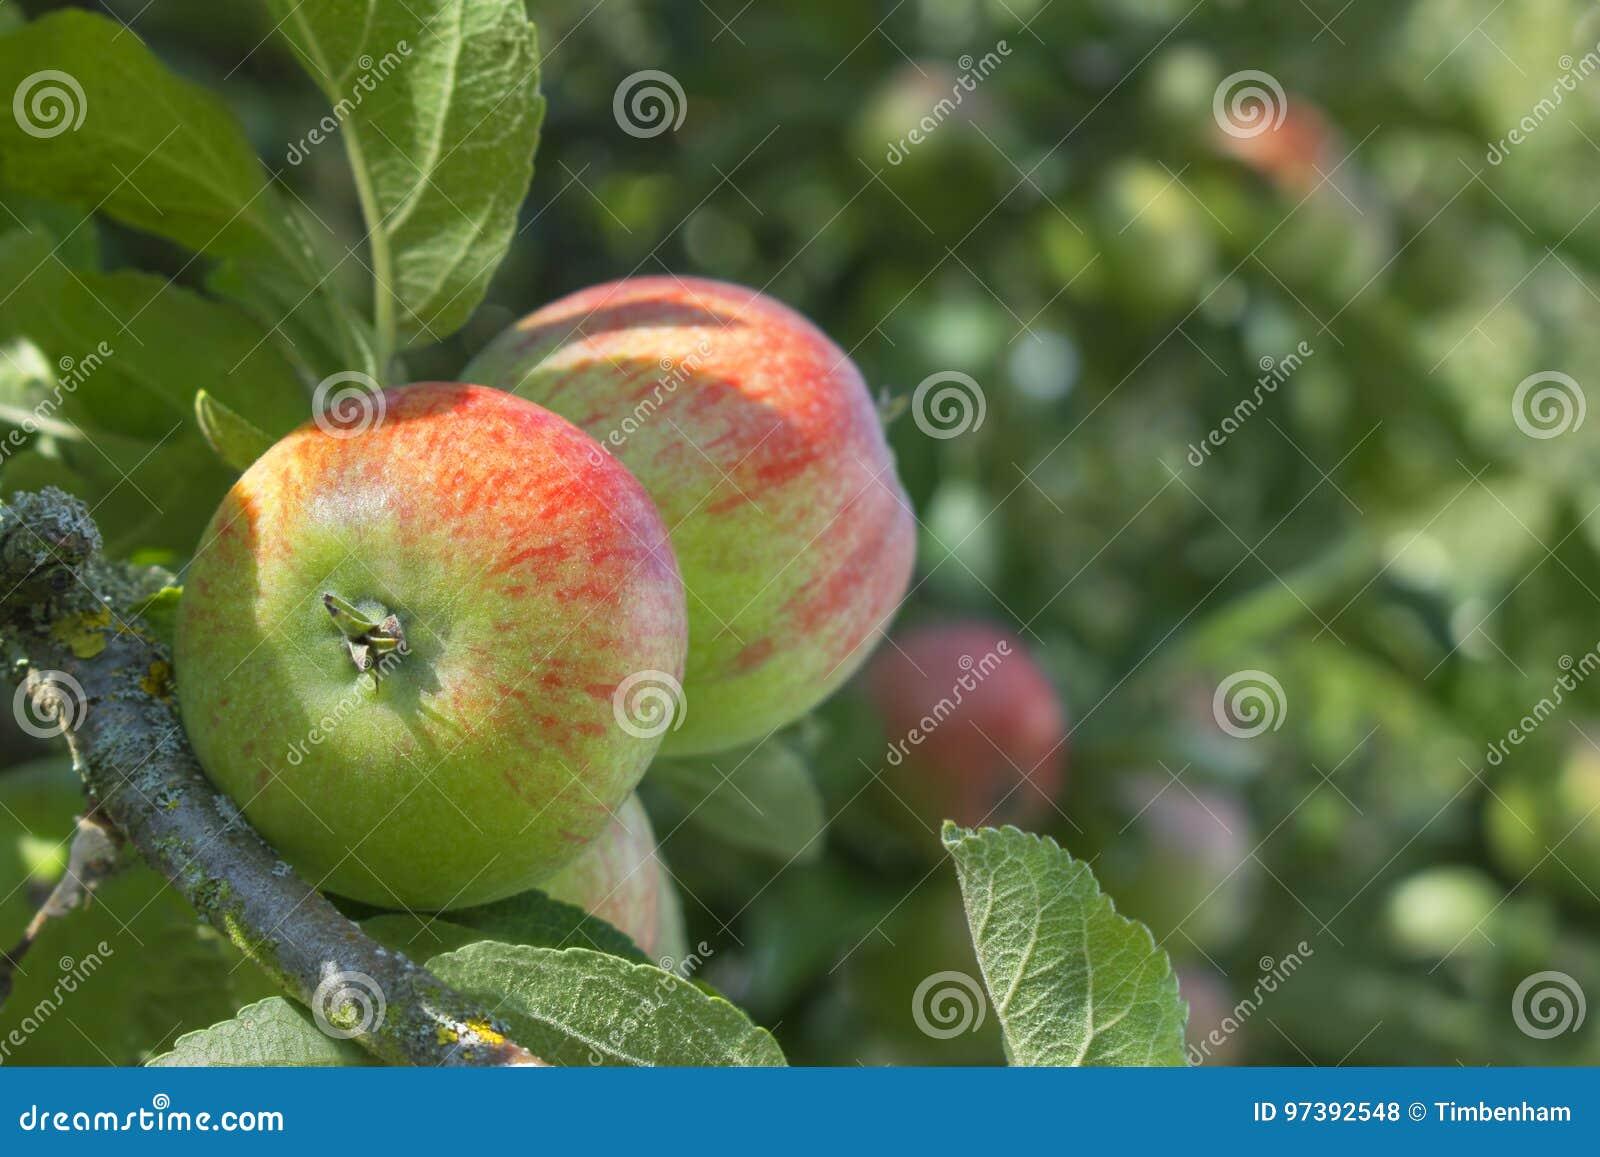 Закройте вверх яблока на дереве с запачканной предпосылкой для полисмена